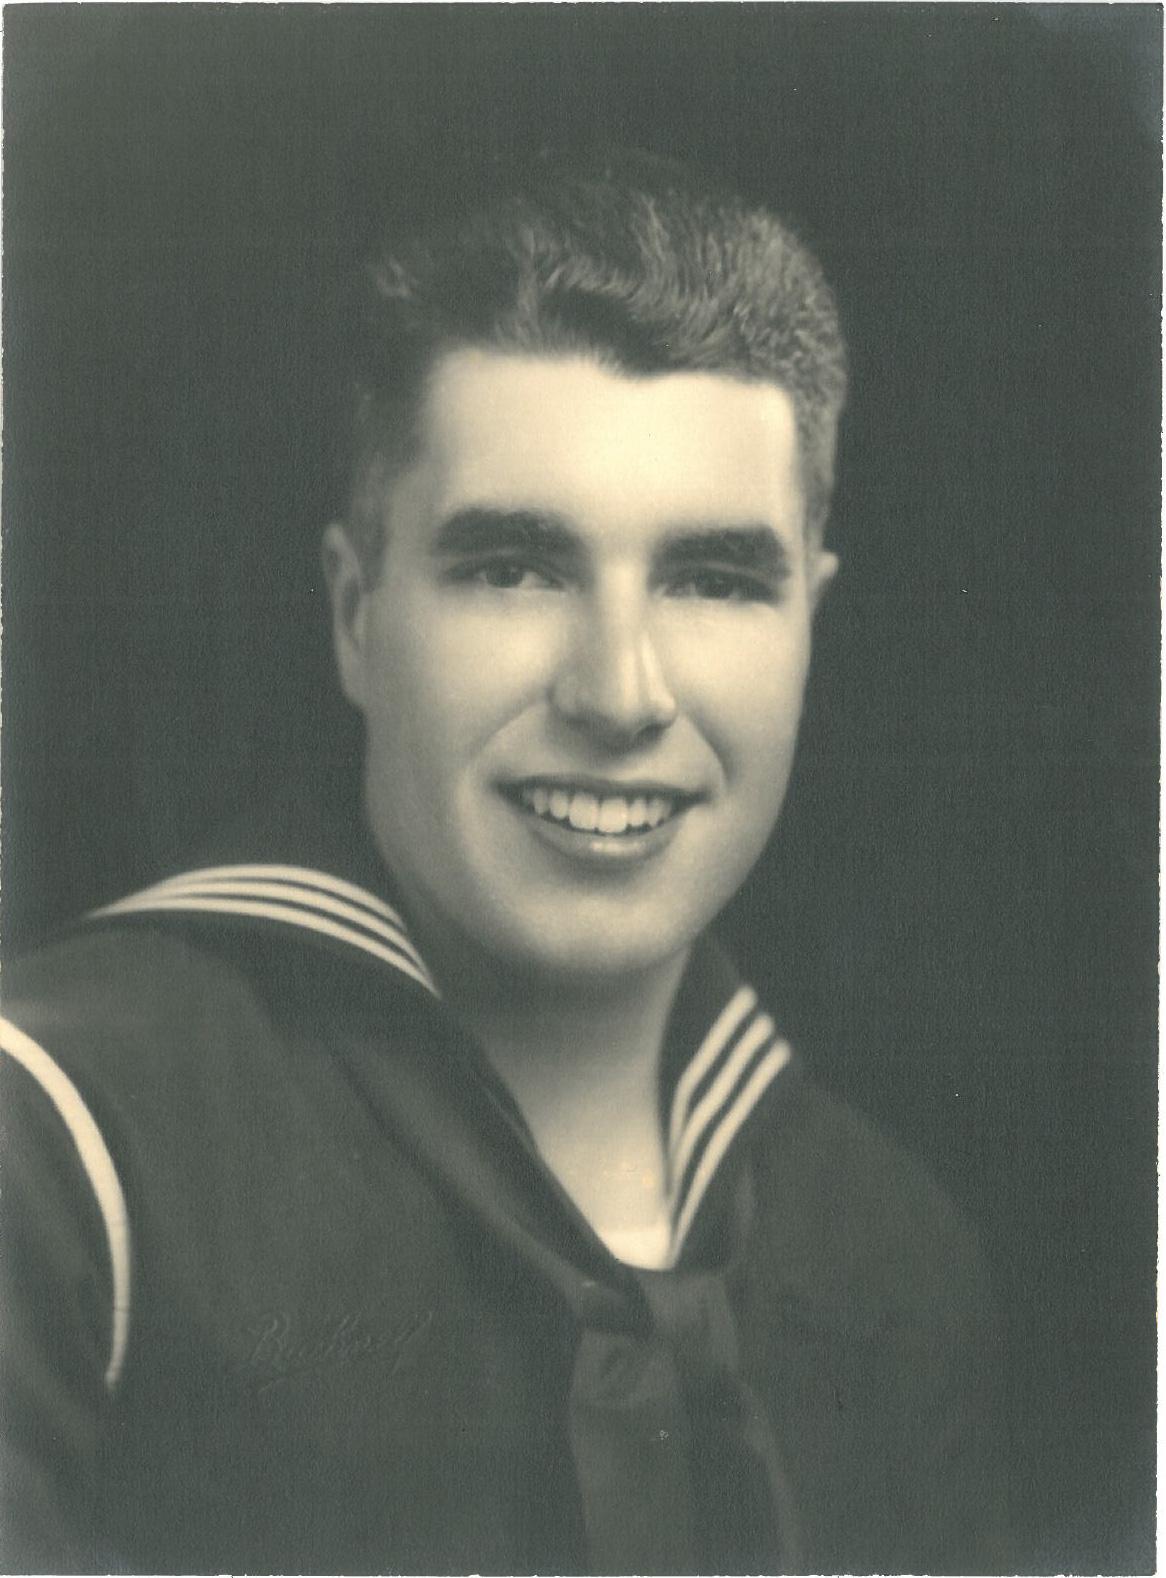 US Navy Aviation Ordnanceman 2nd Class